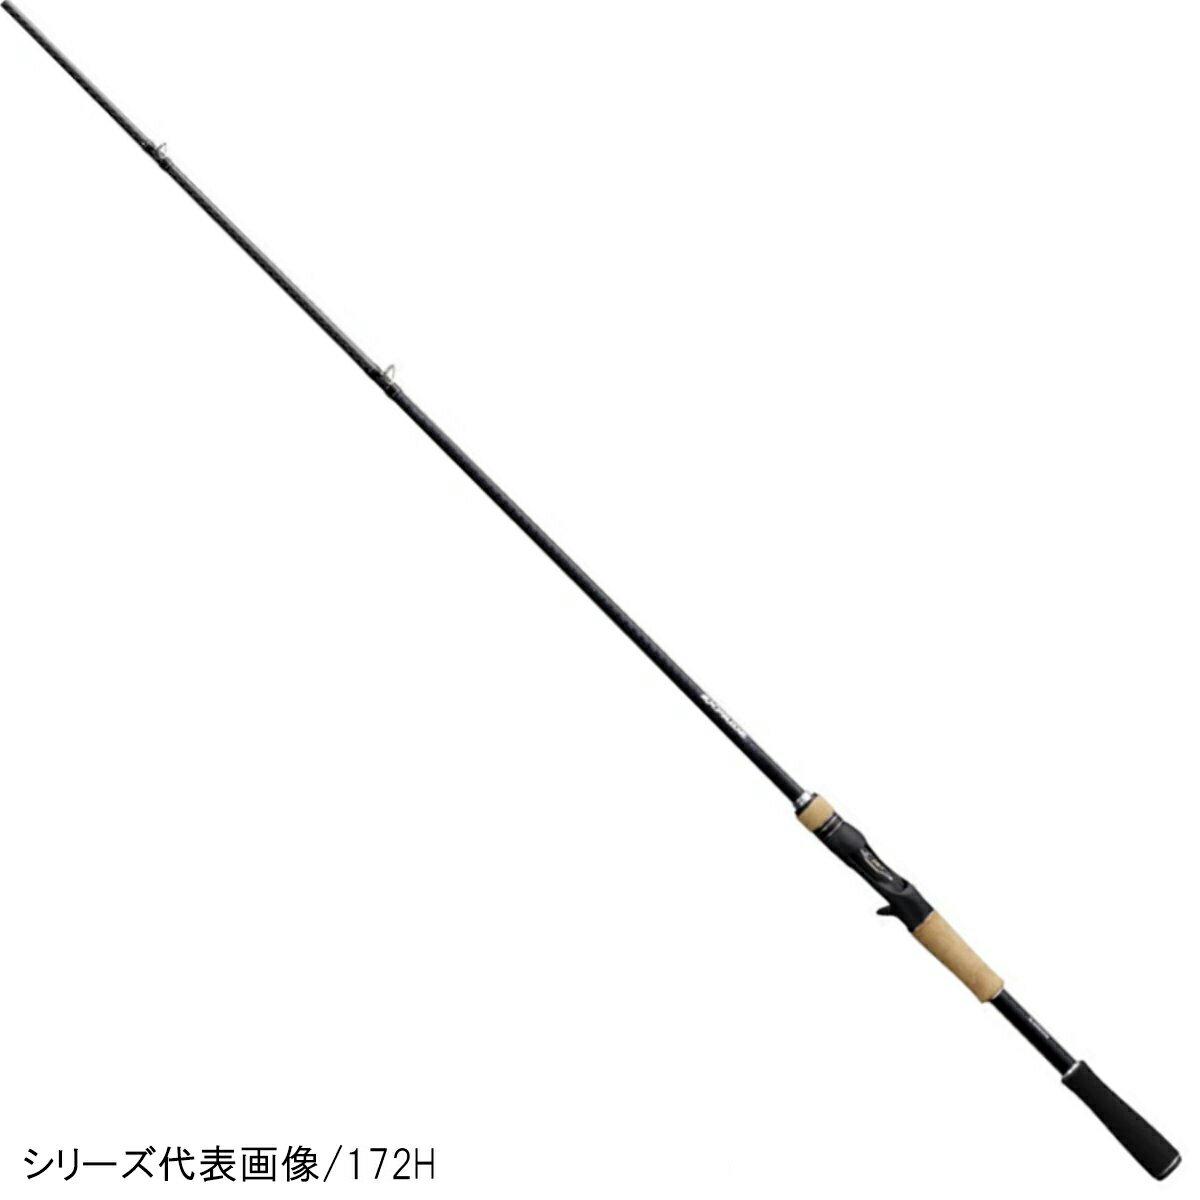 シマノ エクスプライド 164L-BFS/2【送料無料】